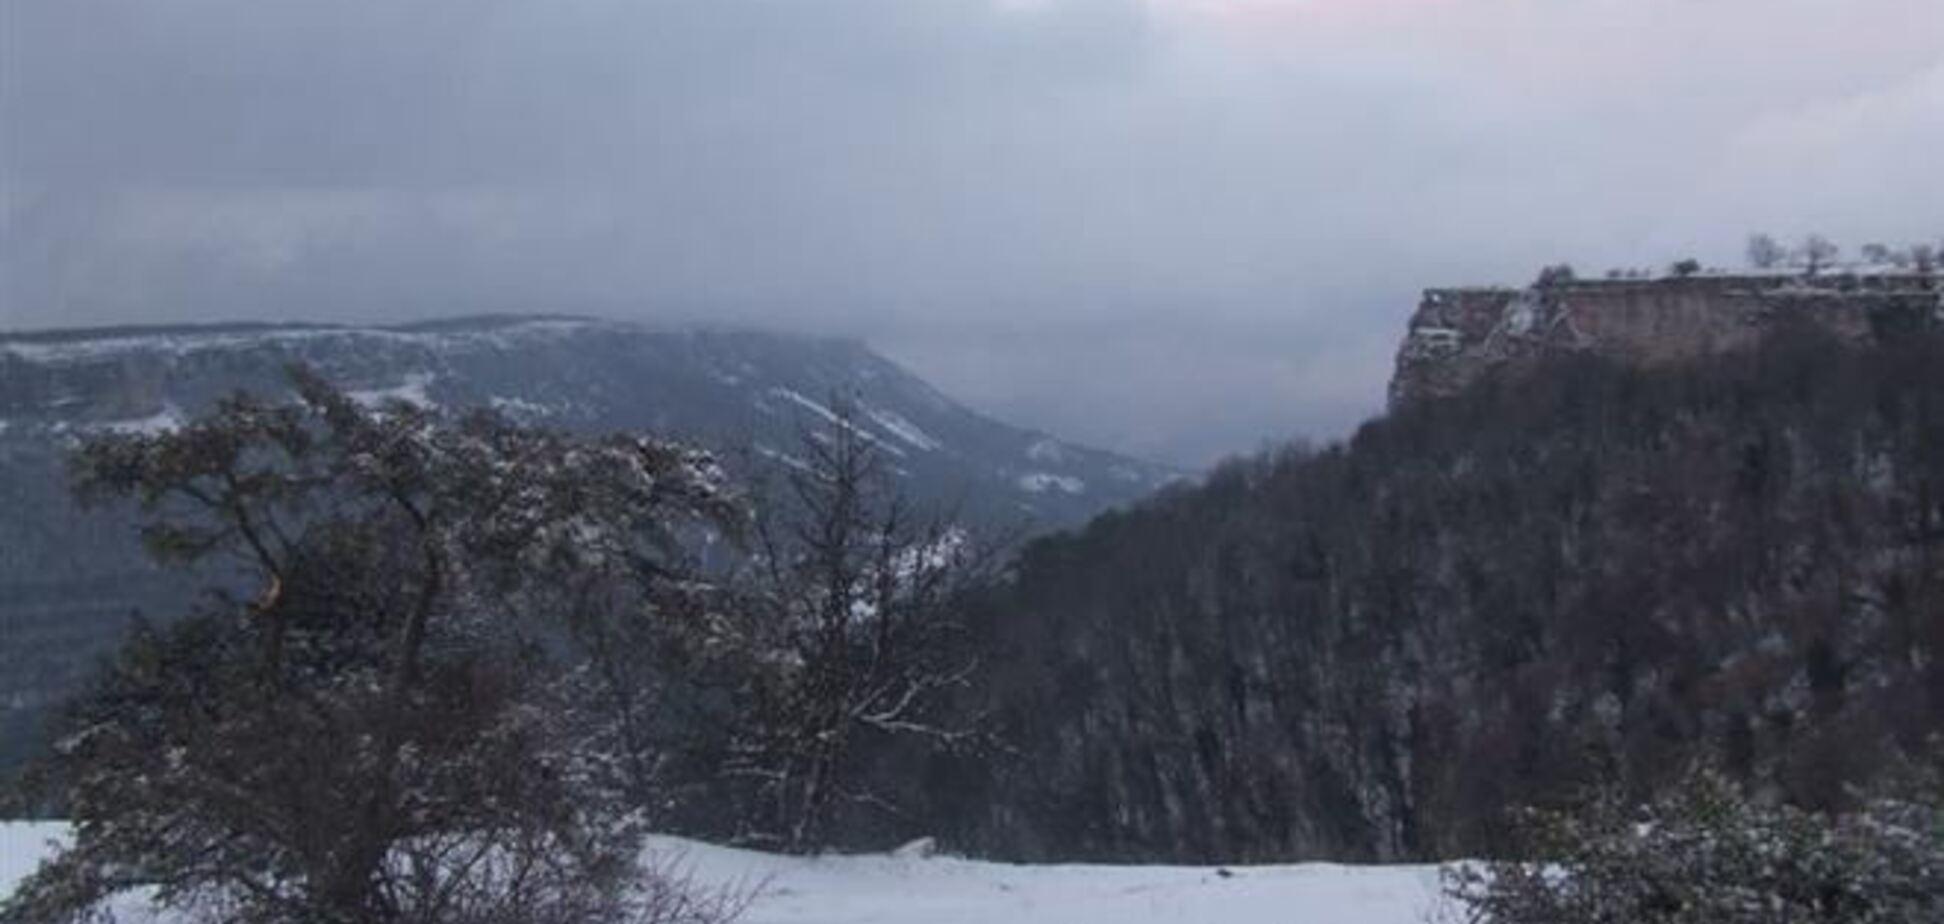 Чоловік вижив, зірвавшись з гори в новорічну ніч в Криму